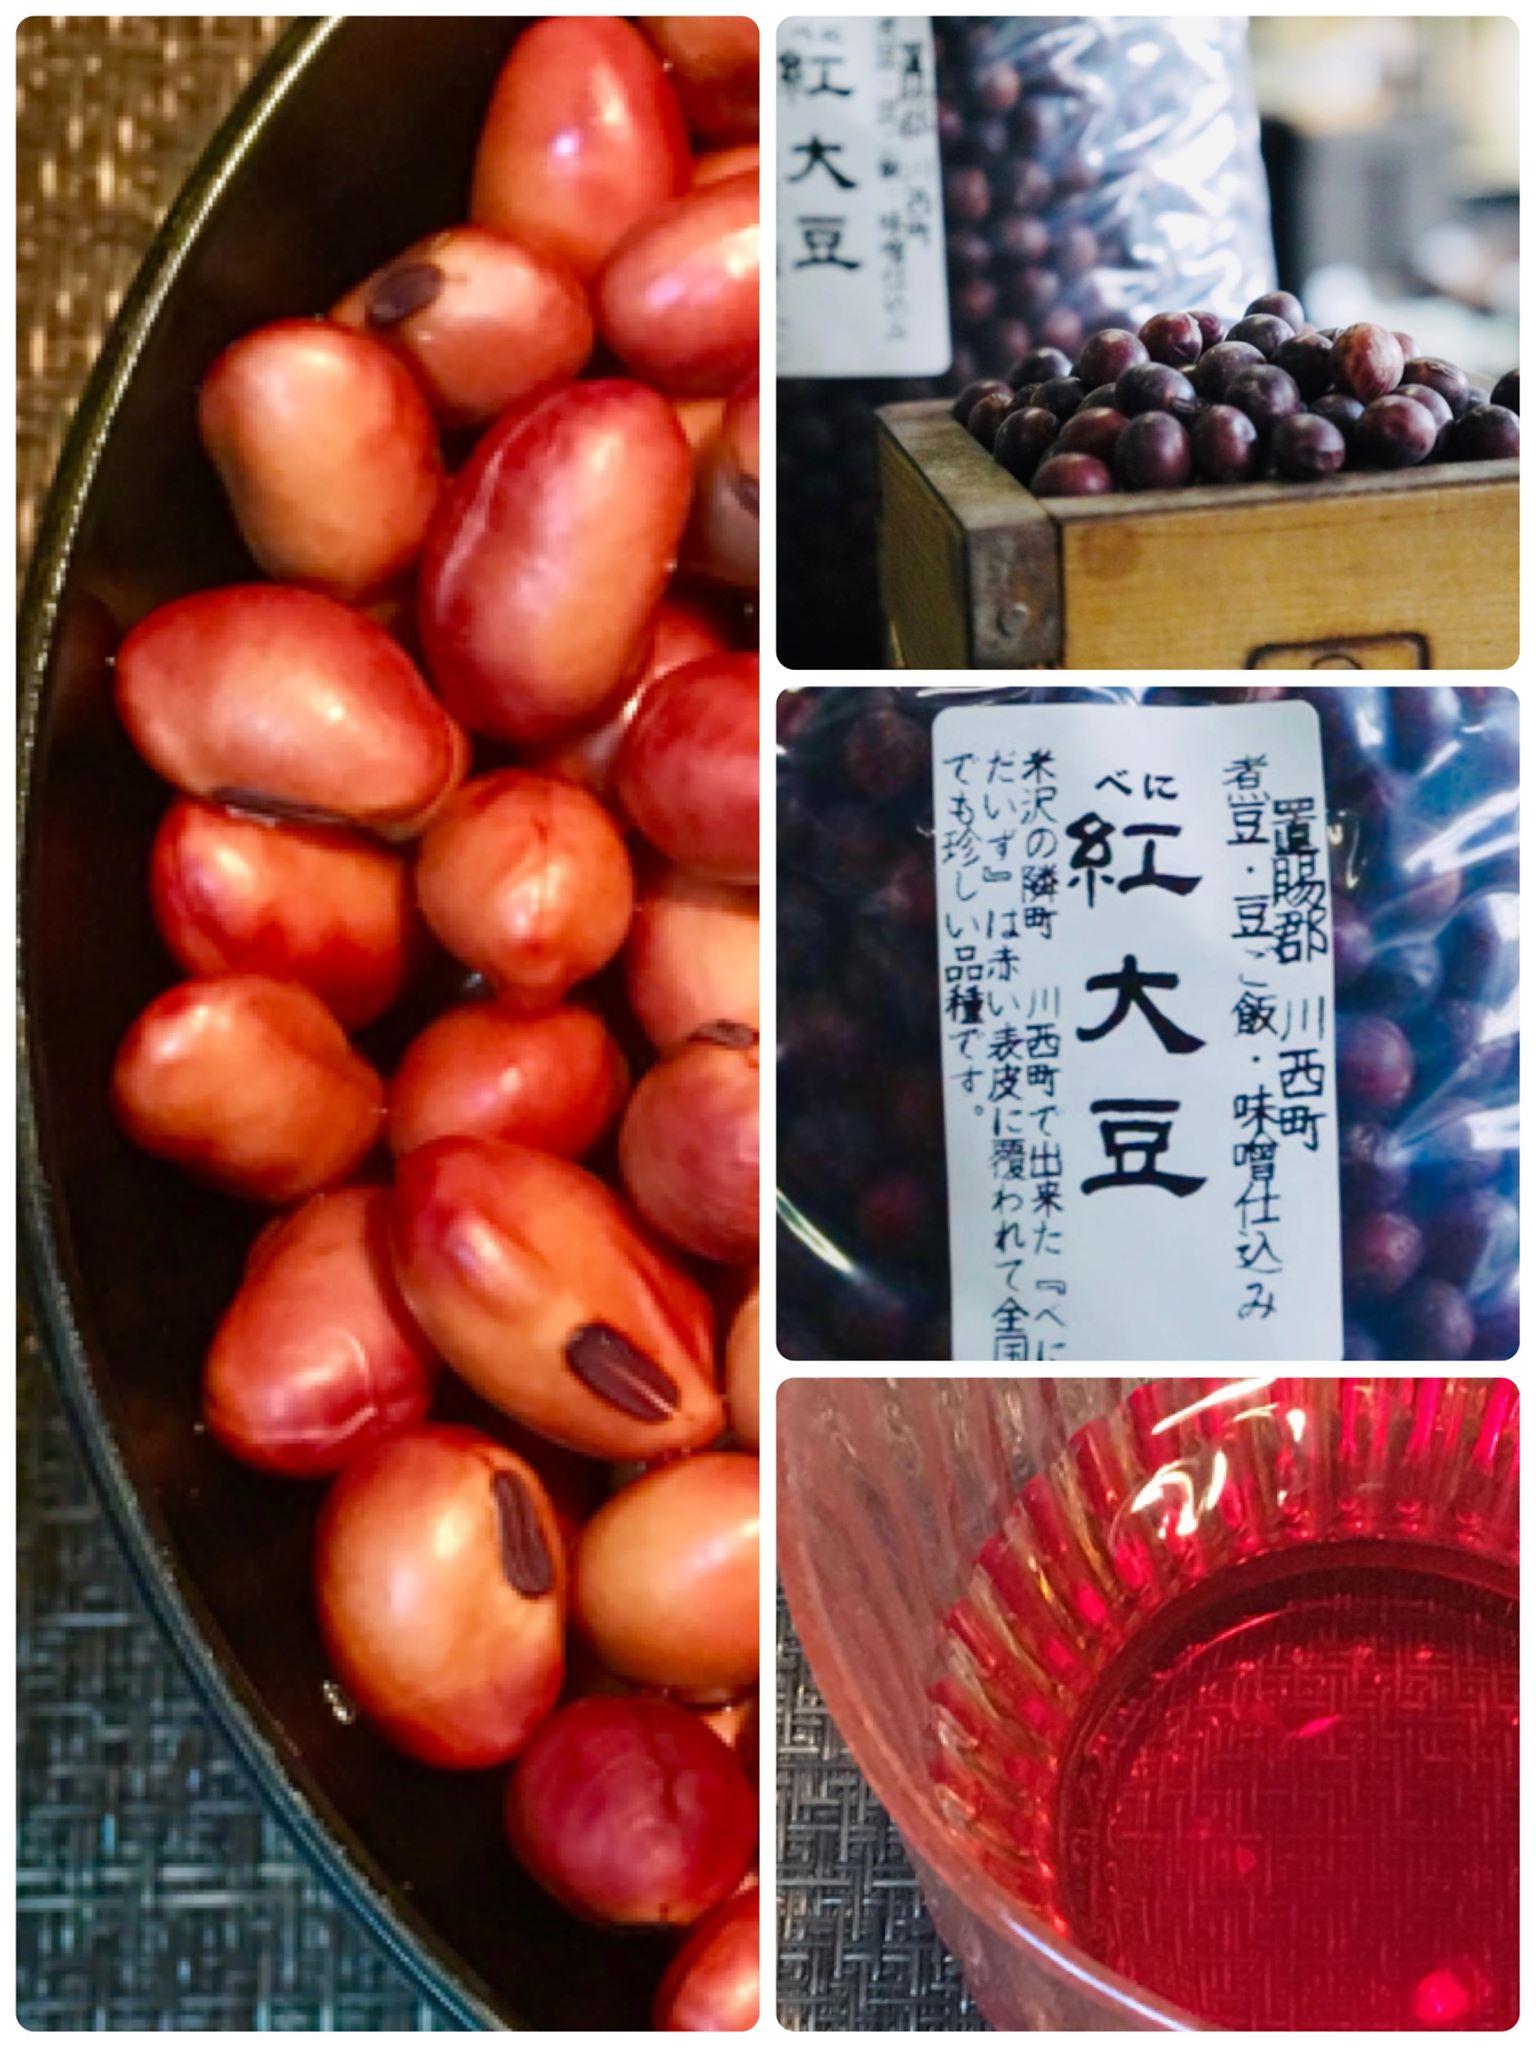 https://shima-choku.com/articles/images/2018120901.jpg